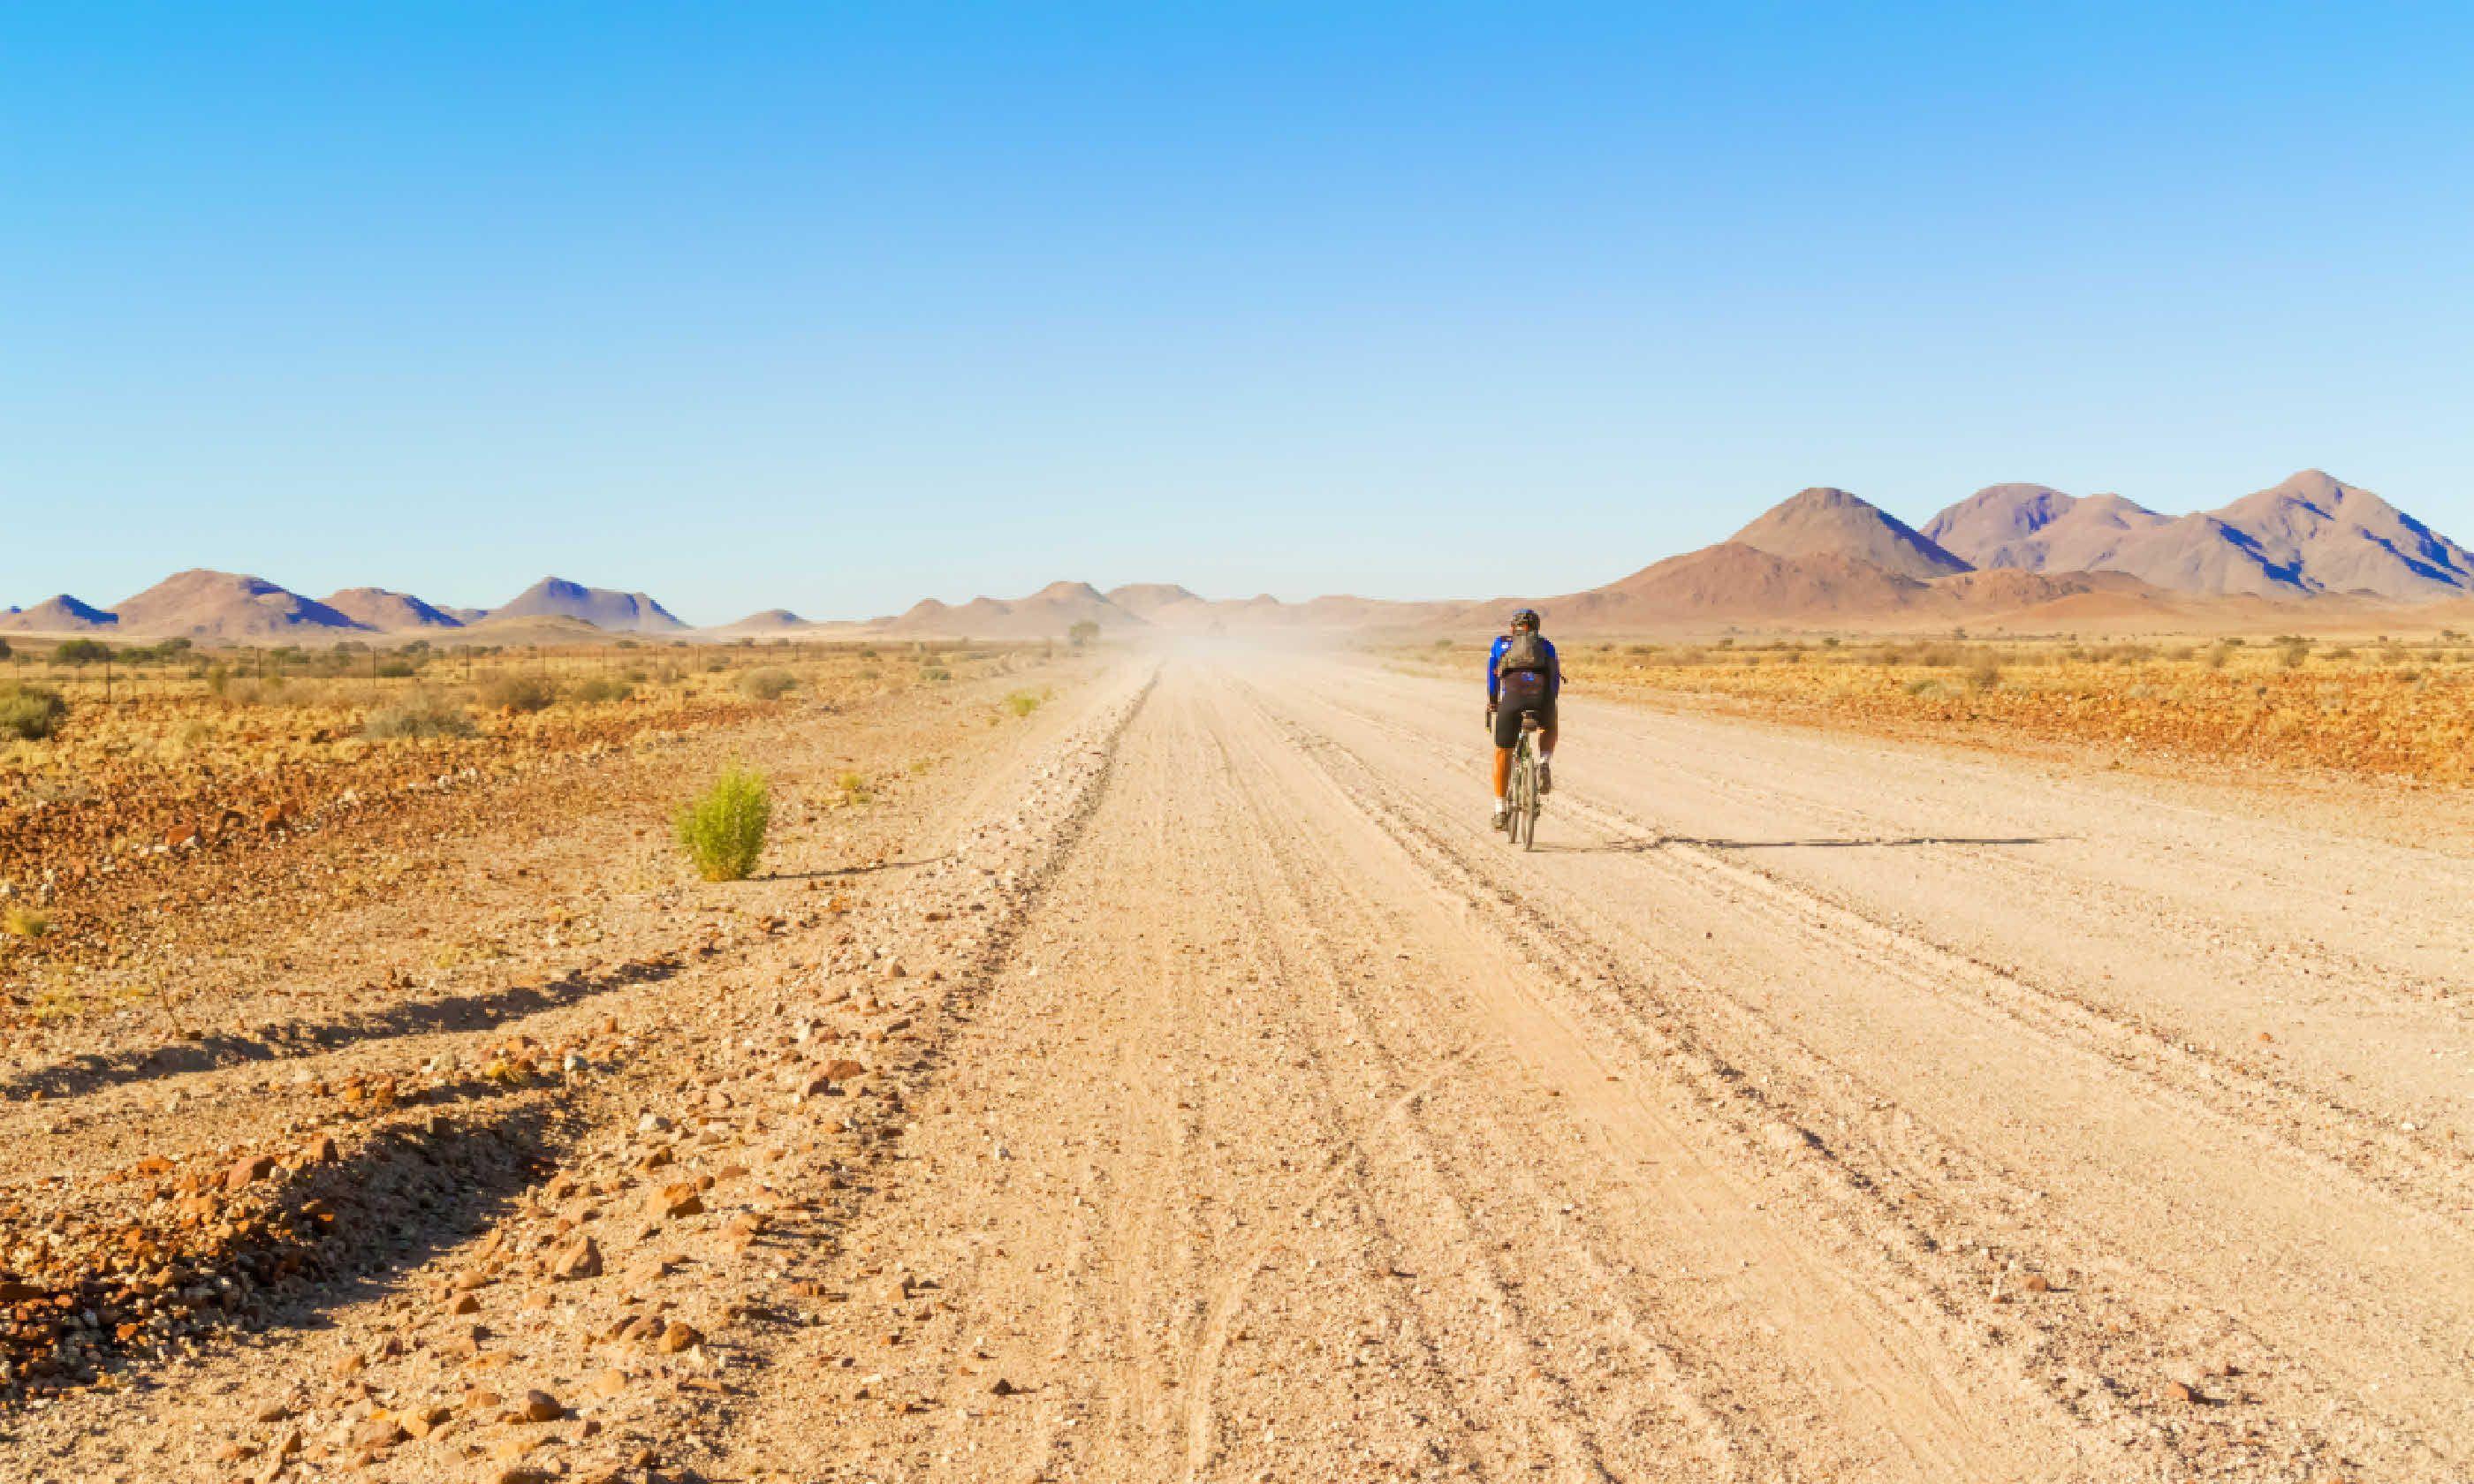 NamibRand (Shutterstock)